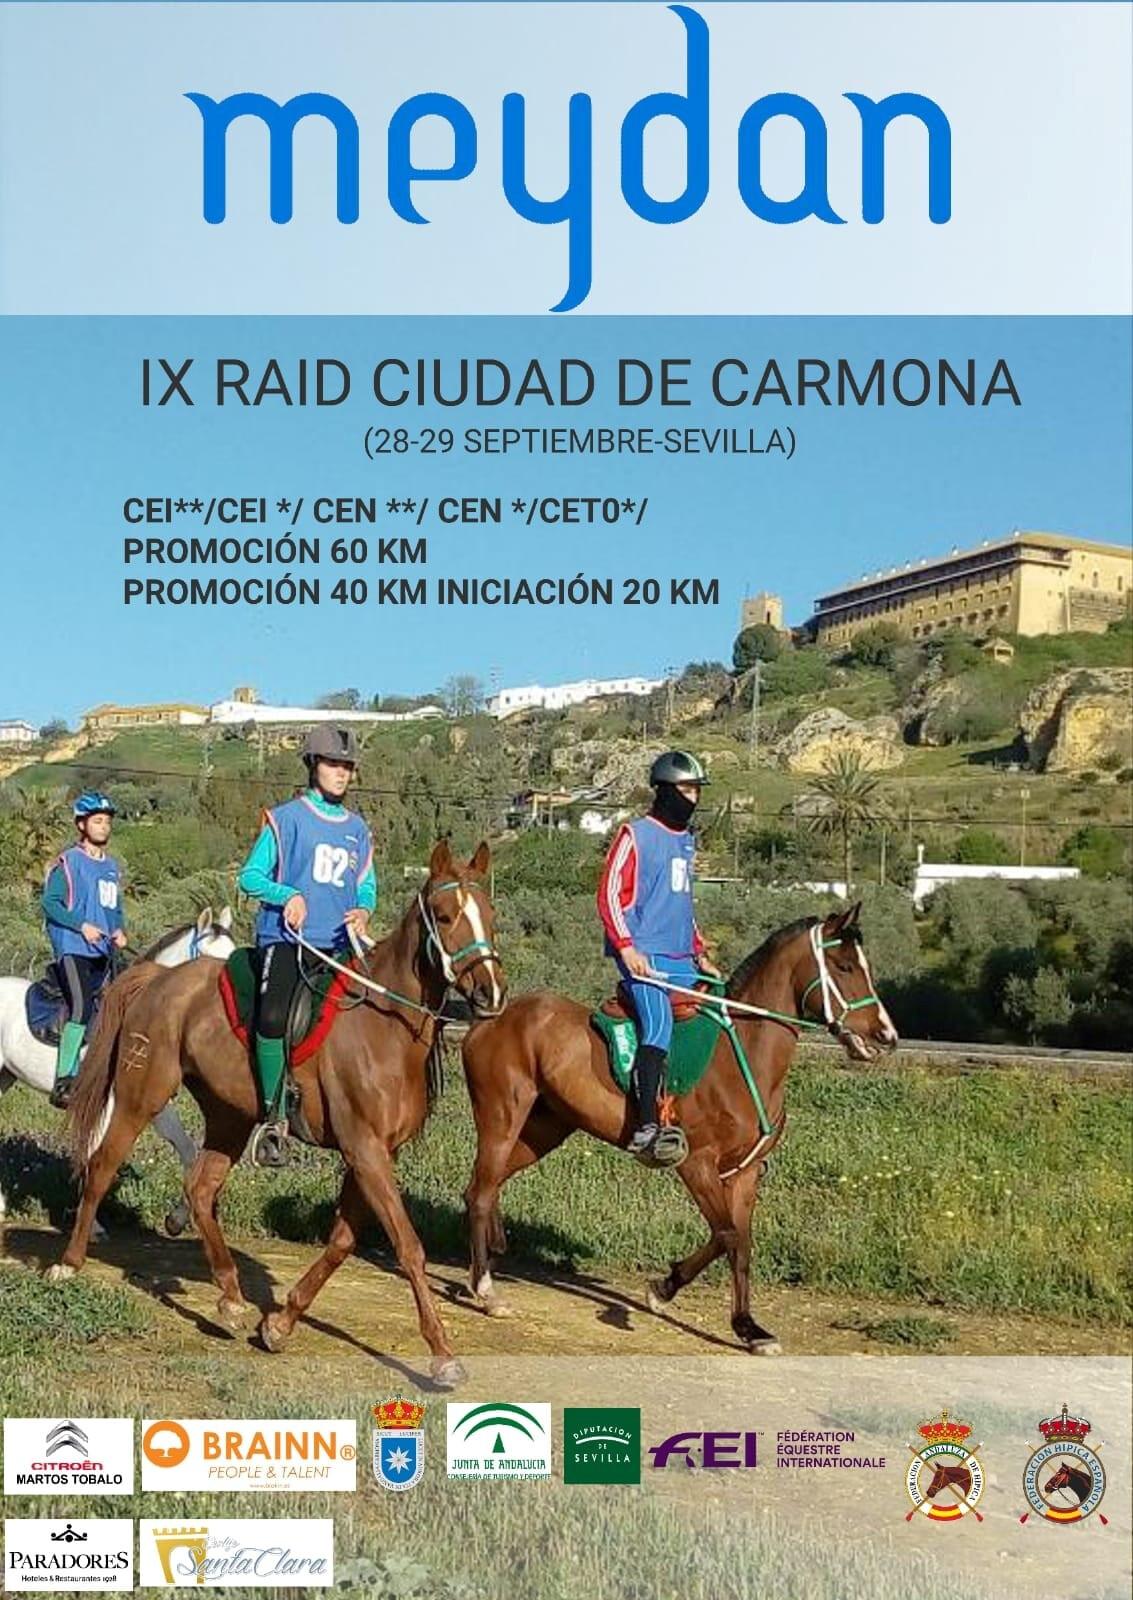 IX Raid Ciudad de Carmona